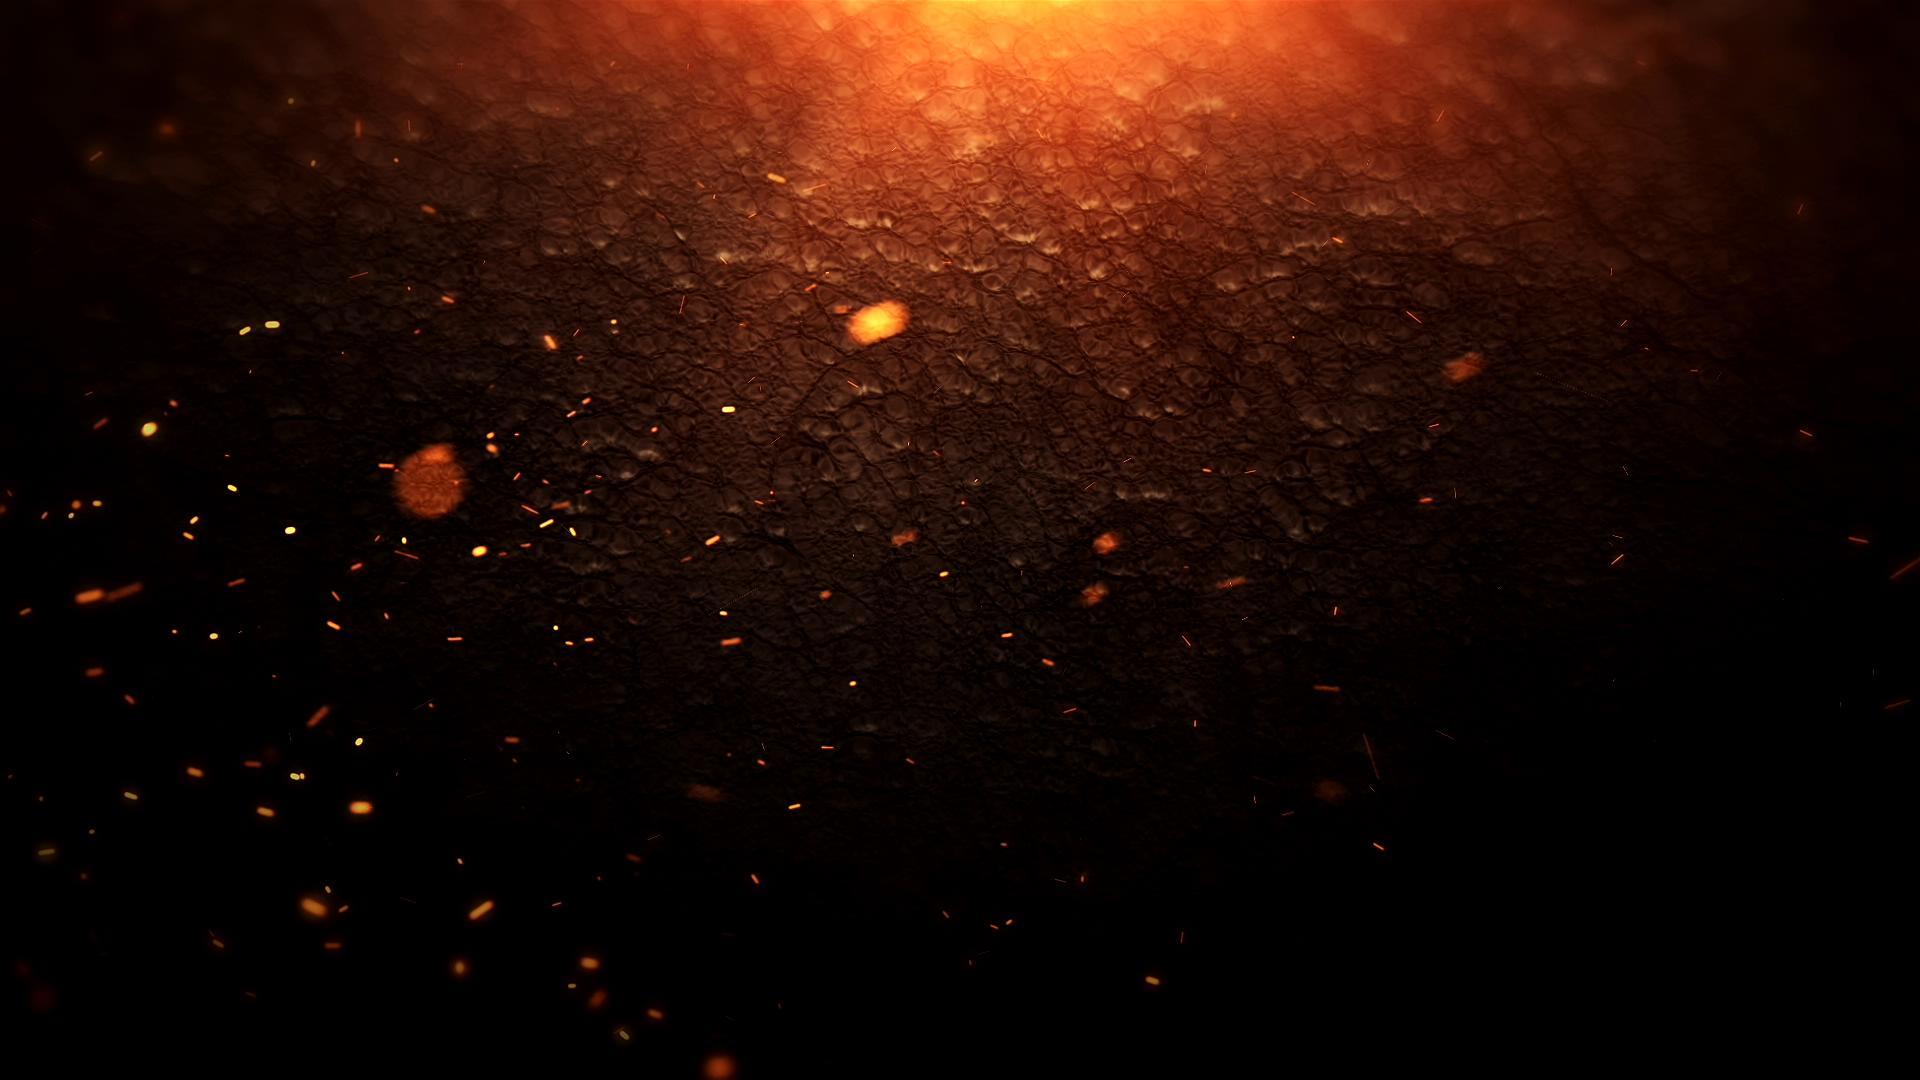 大气粒子视频